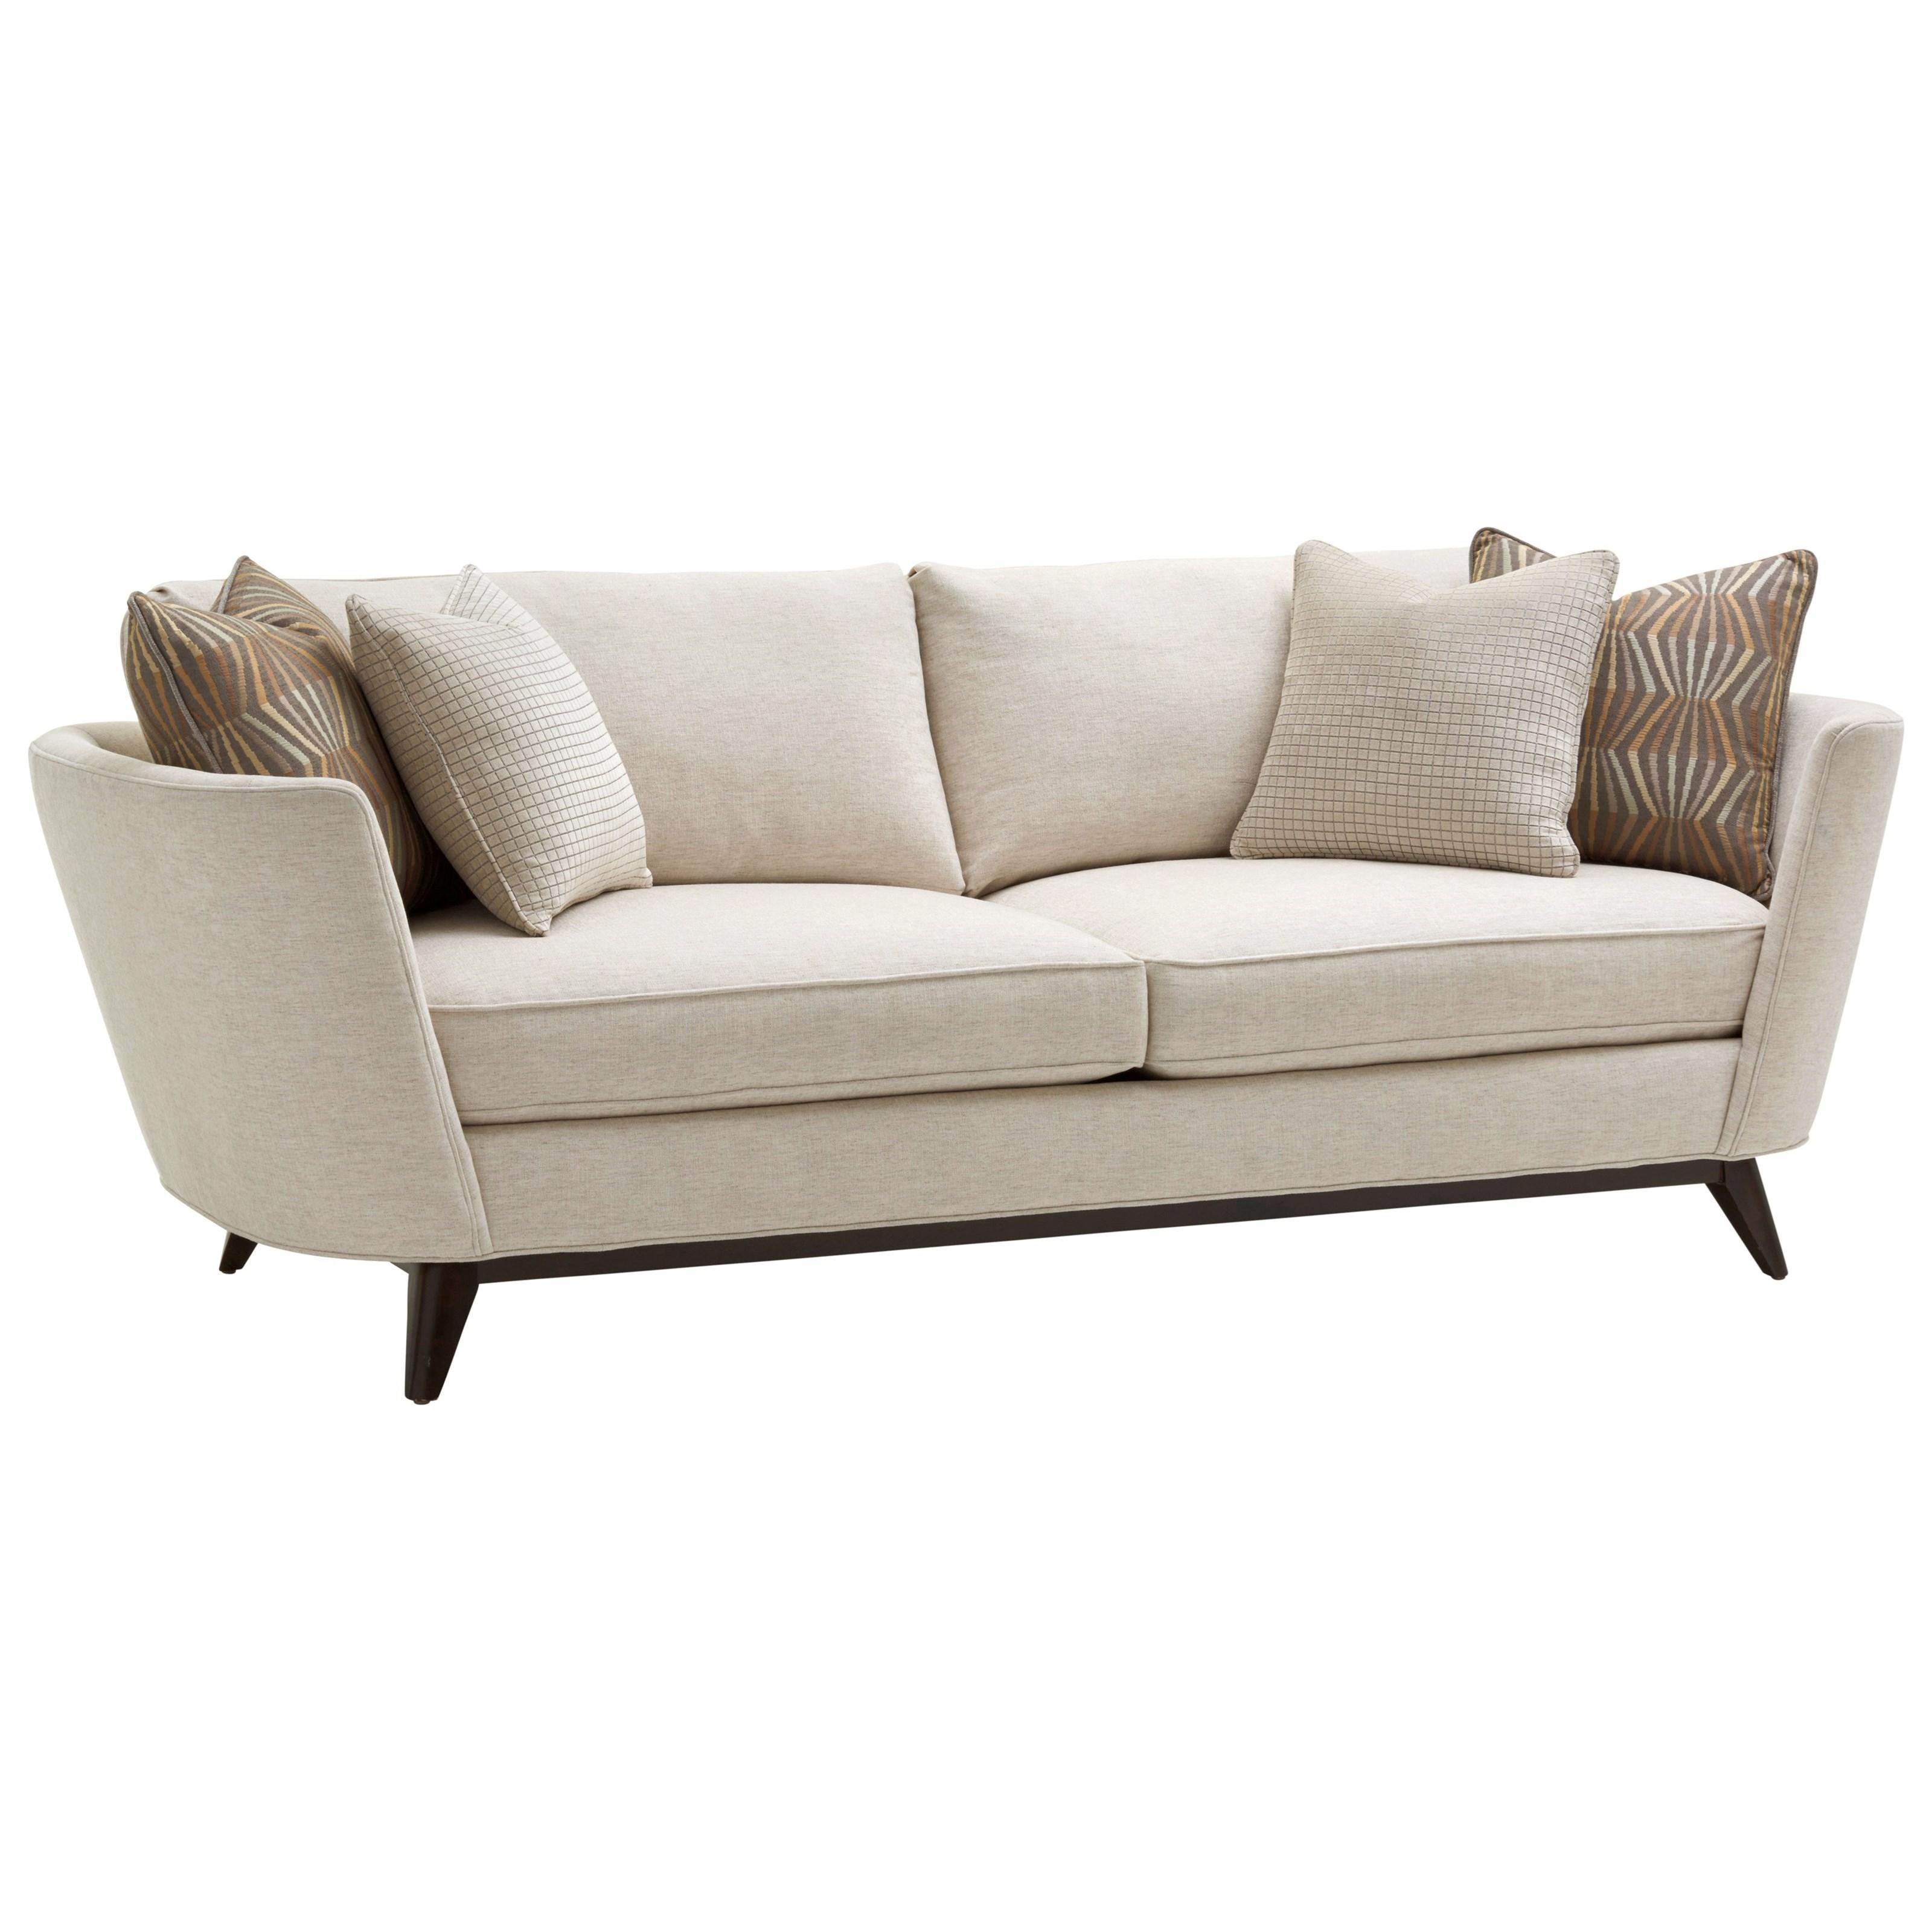 Zavala Kahn Sofa by Lexington at Johnny Janosik